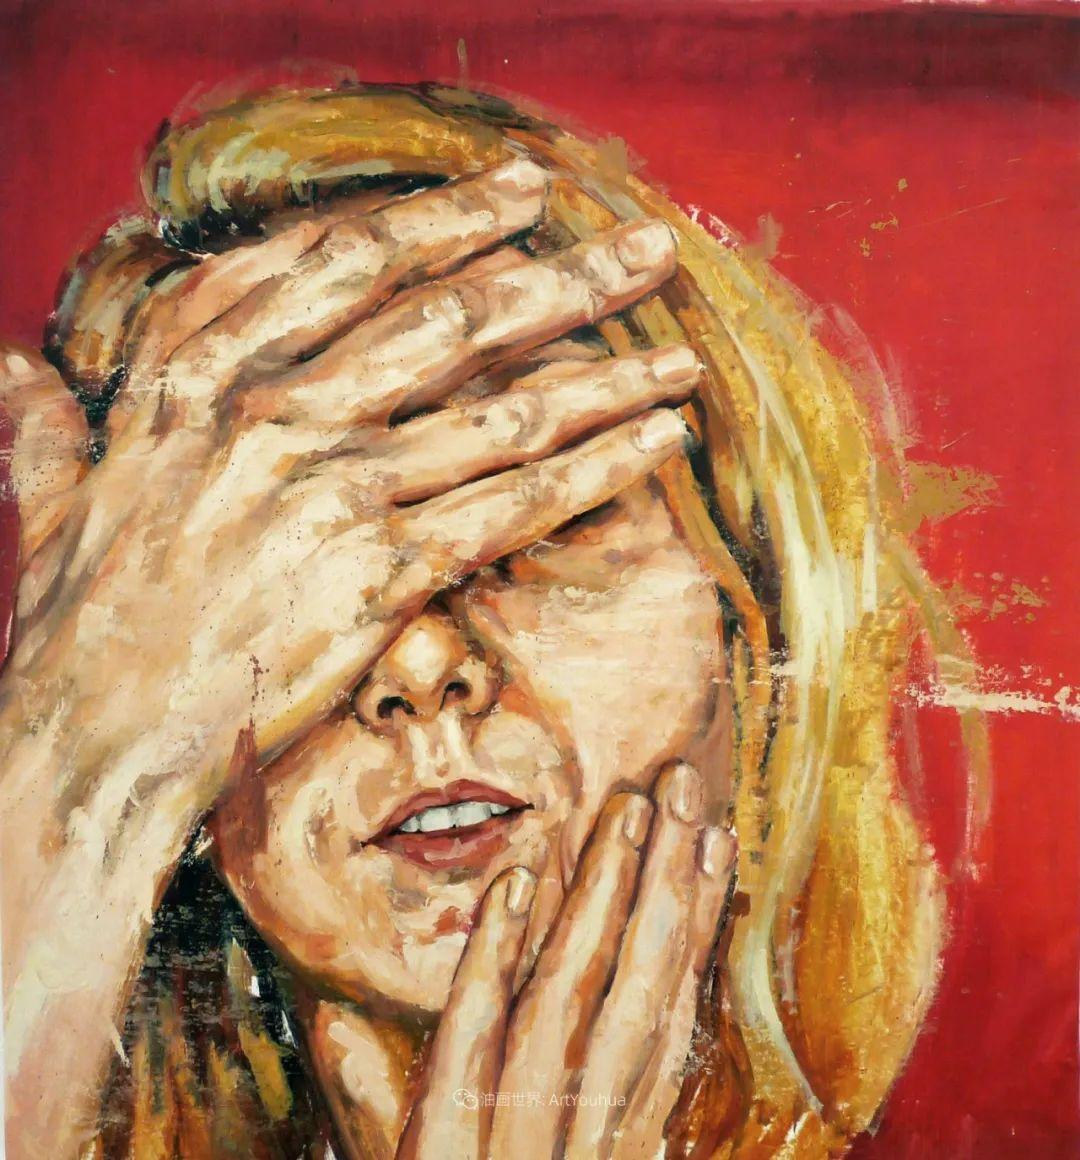 完美的缺陷,哥伦比亚艺术家塞萨尔·比奥乔画选插图61